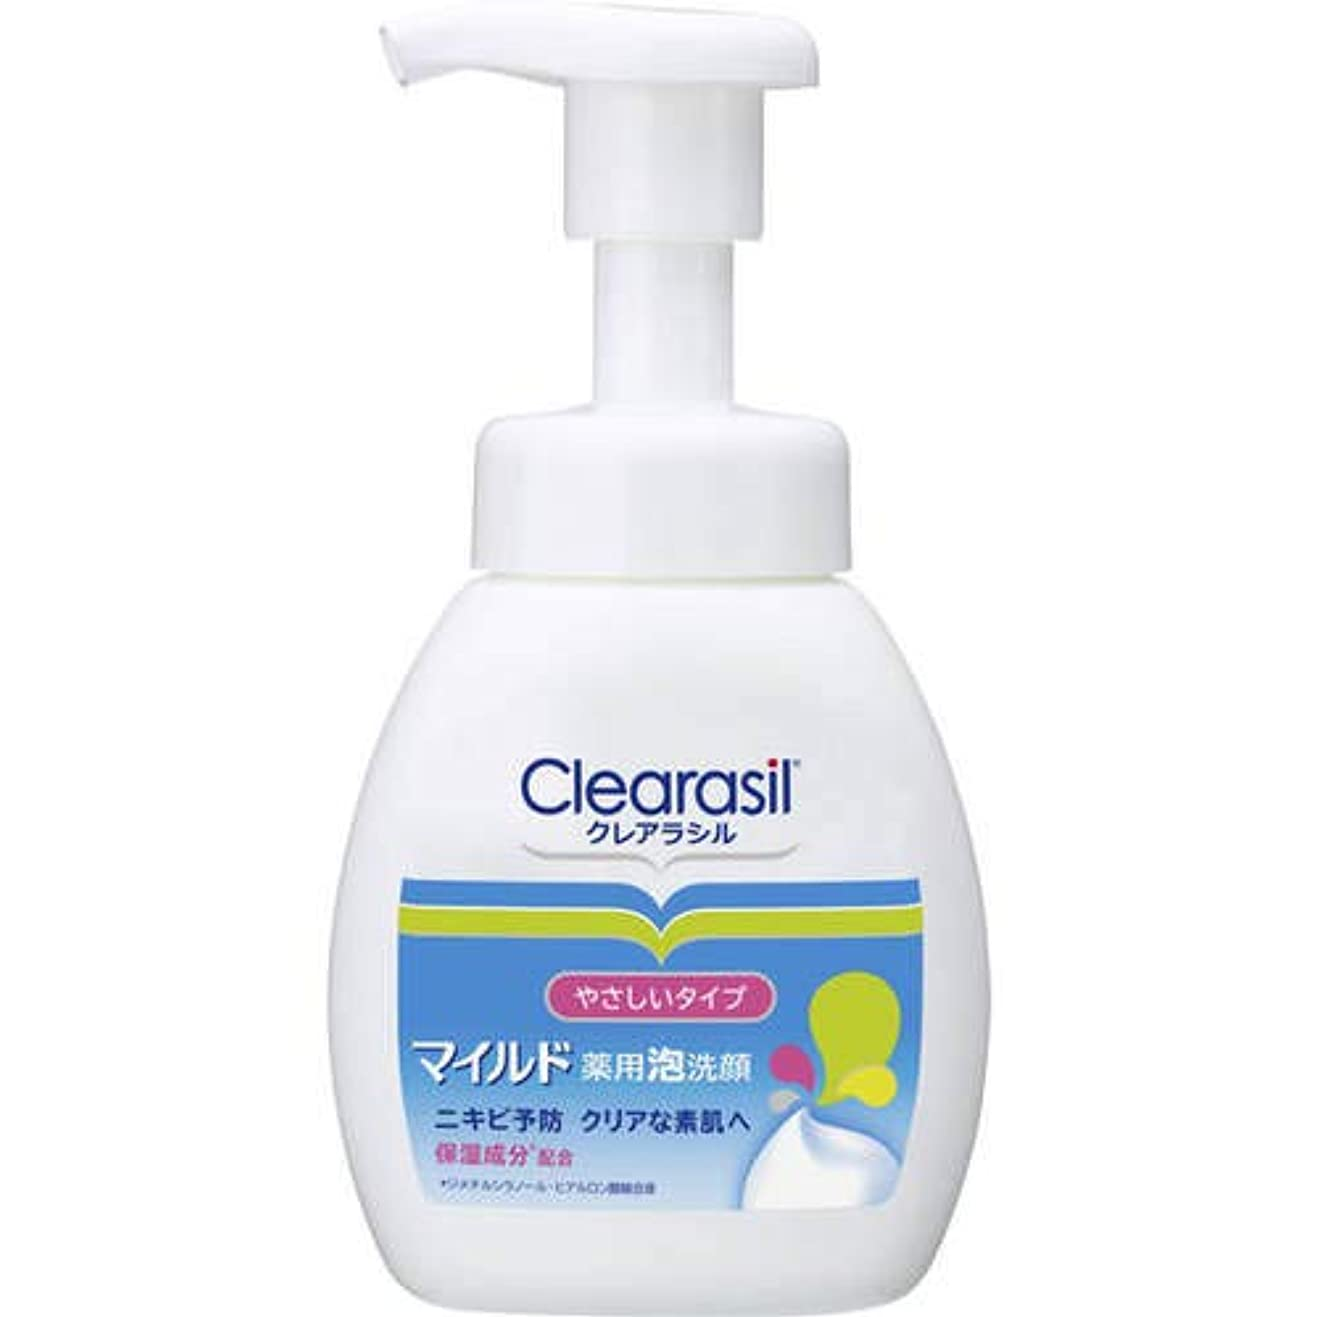 読みやすいレザー失うクレアラシル 薬用 泡洗顔フォーム マイルドタイプ 200ml